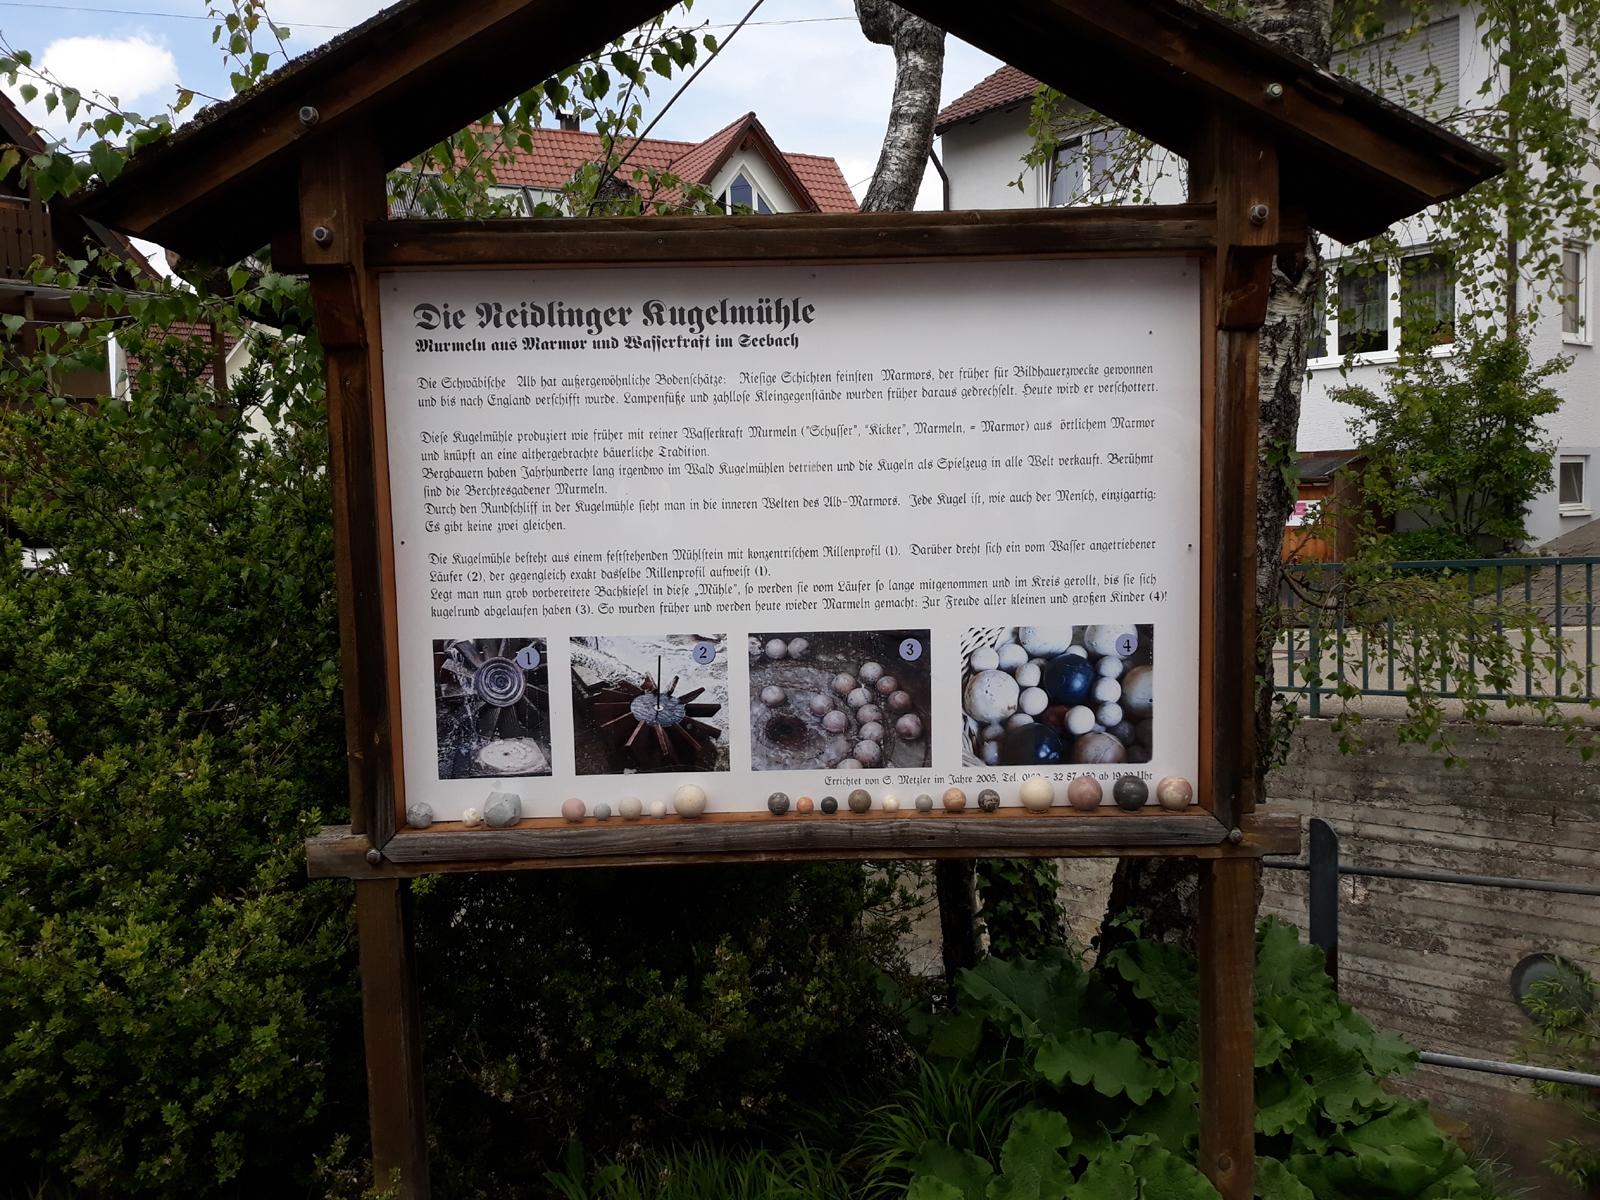 2019_05_07Neidlingen, Besuch der Kugelmühle